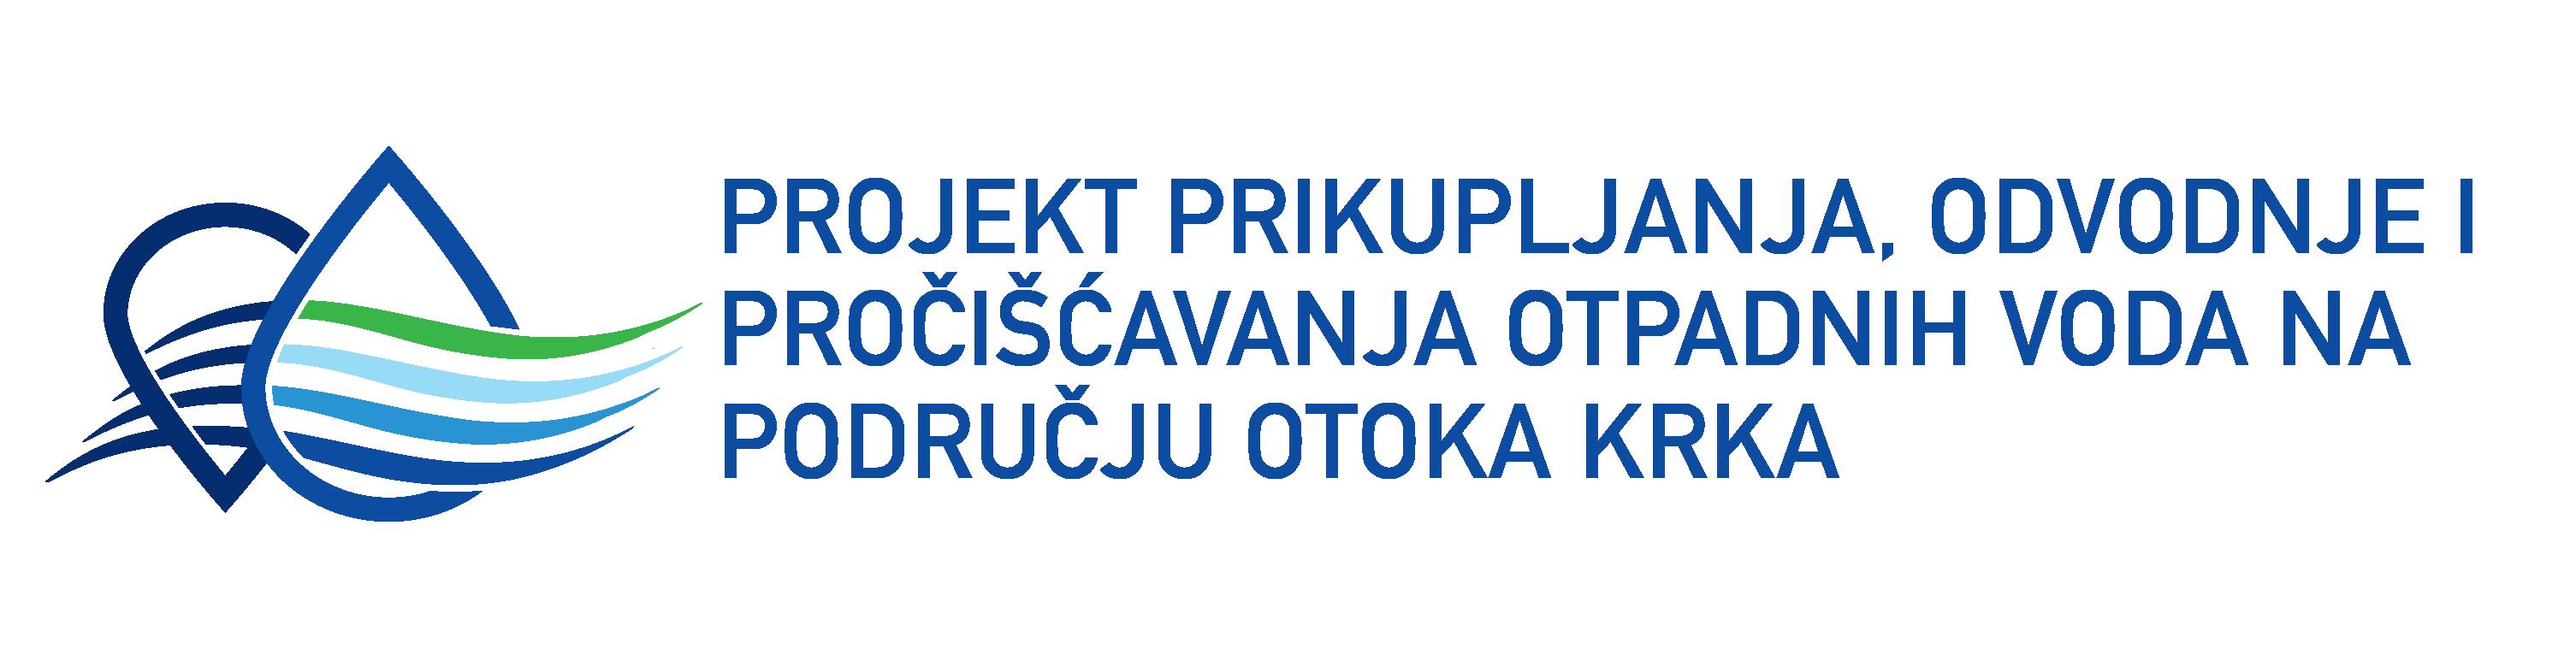 Poveznica na vanjsku stranicu EU projekta prikupljanja, odvodnje i pročišćavanja otpadnih voda na otoku Krku (otvara se u novom tabu)